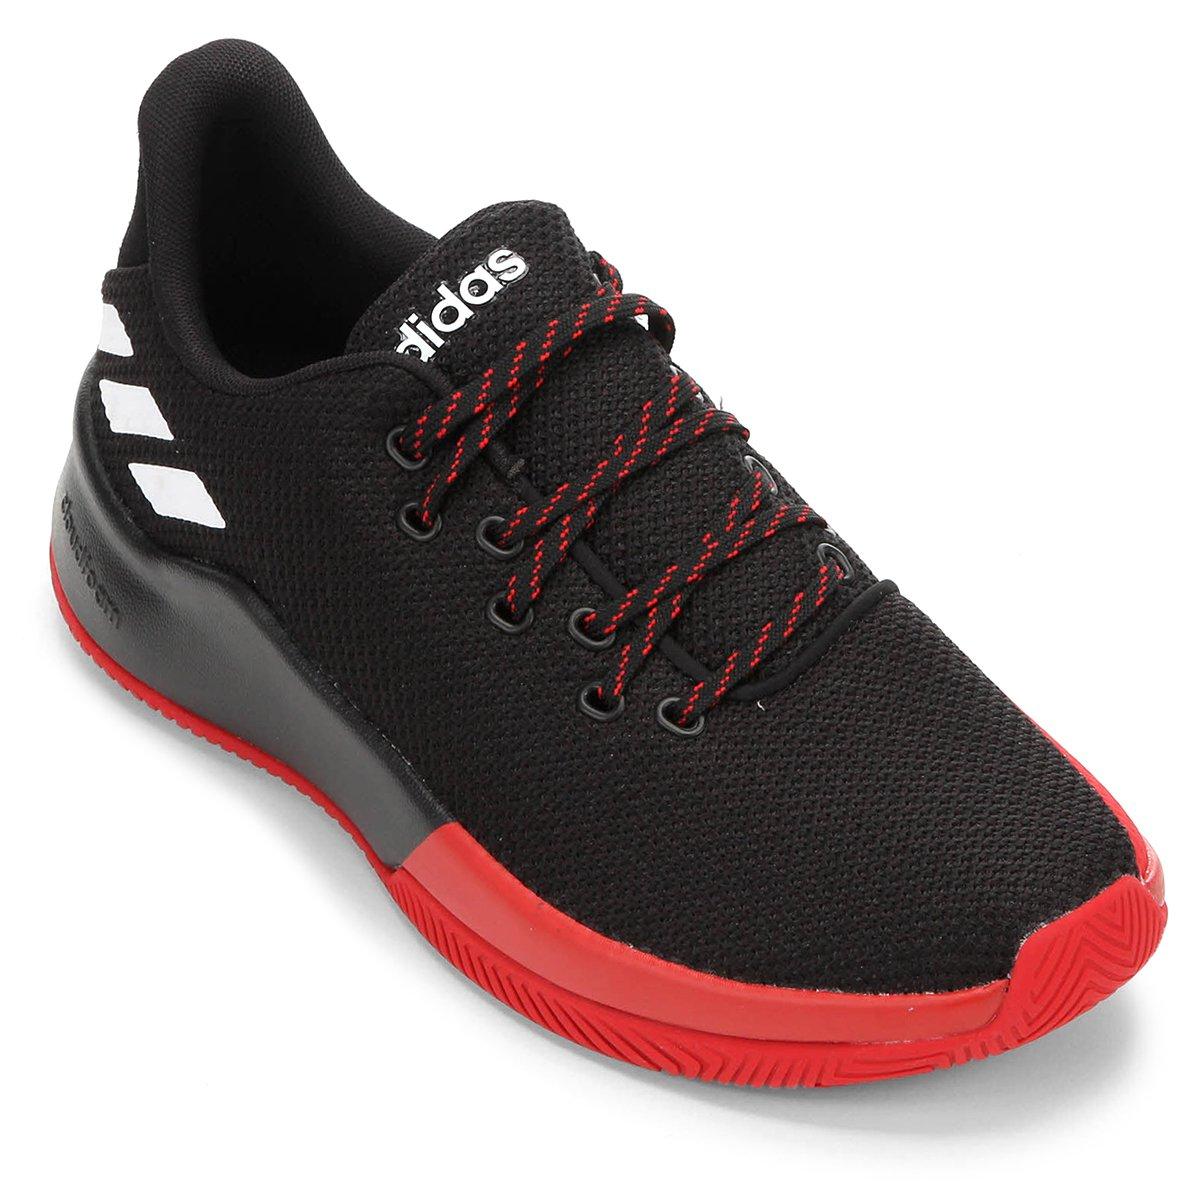 1476ba03a5 Tênis adidas Compre Spd Takeo er Masculino Compre adidas Agora Loja NBA  91ec77